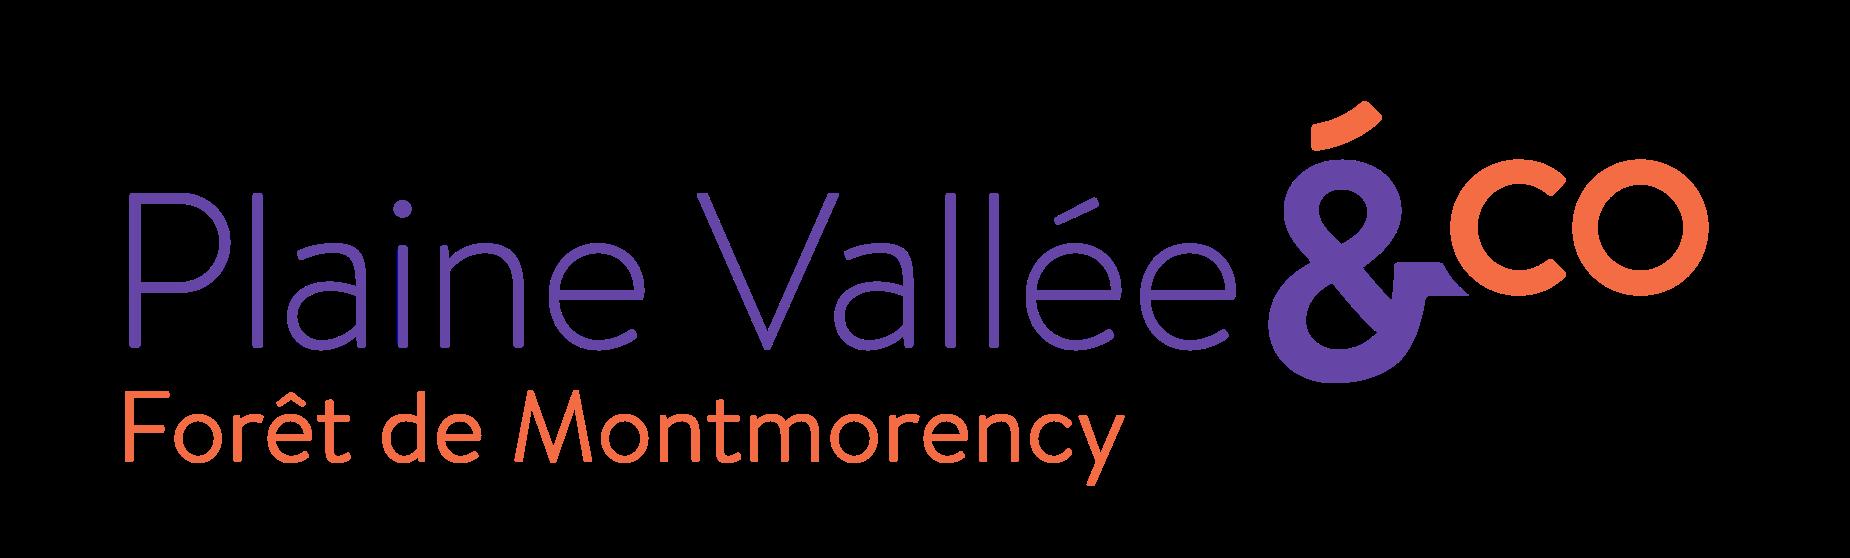 Logo Plaine Vallee1